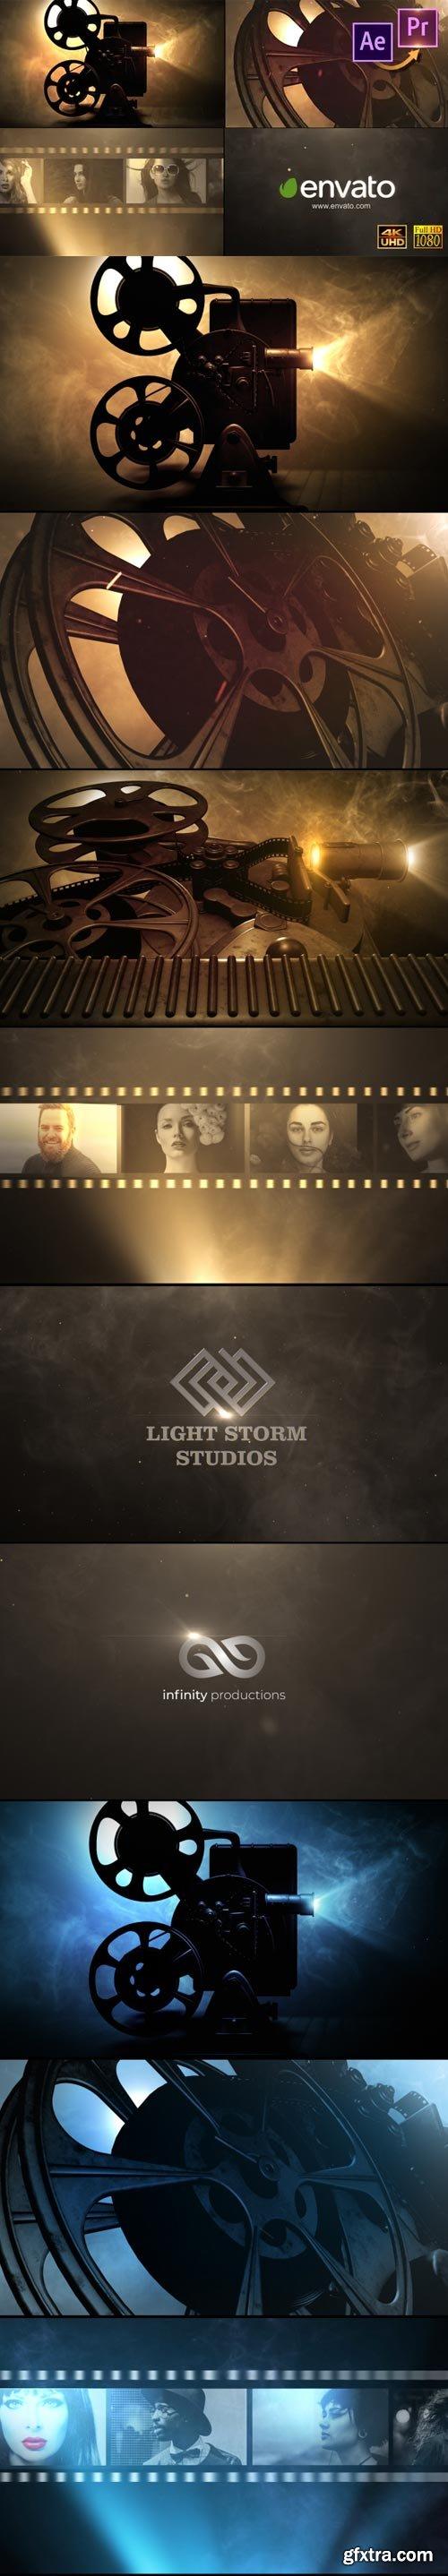 Videohive - Cinema Projector Logo Premiere PRO - 2581994